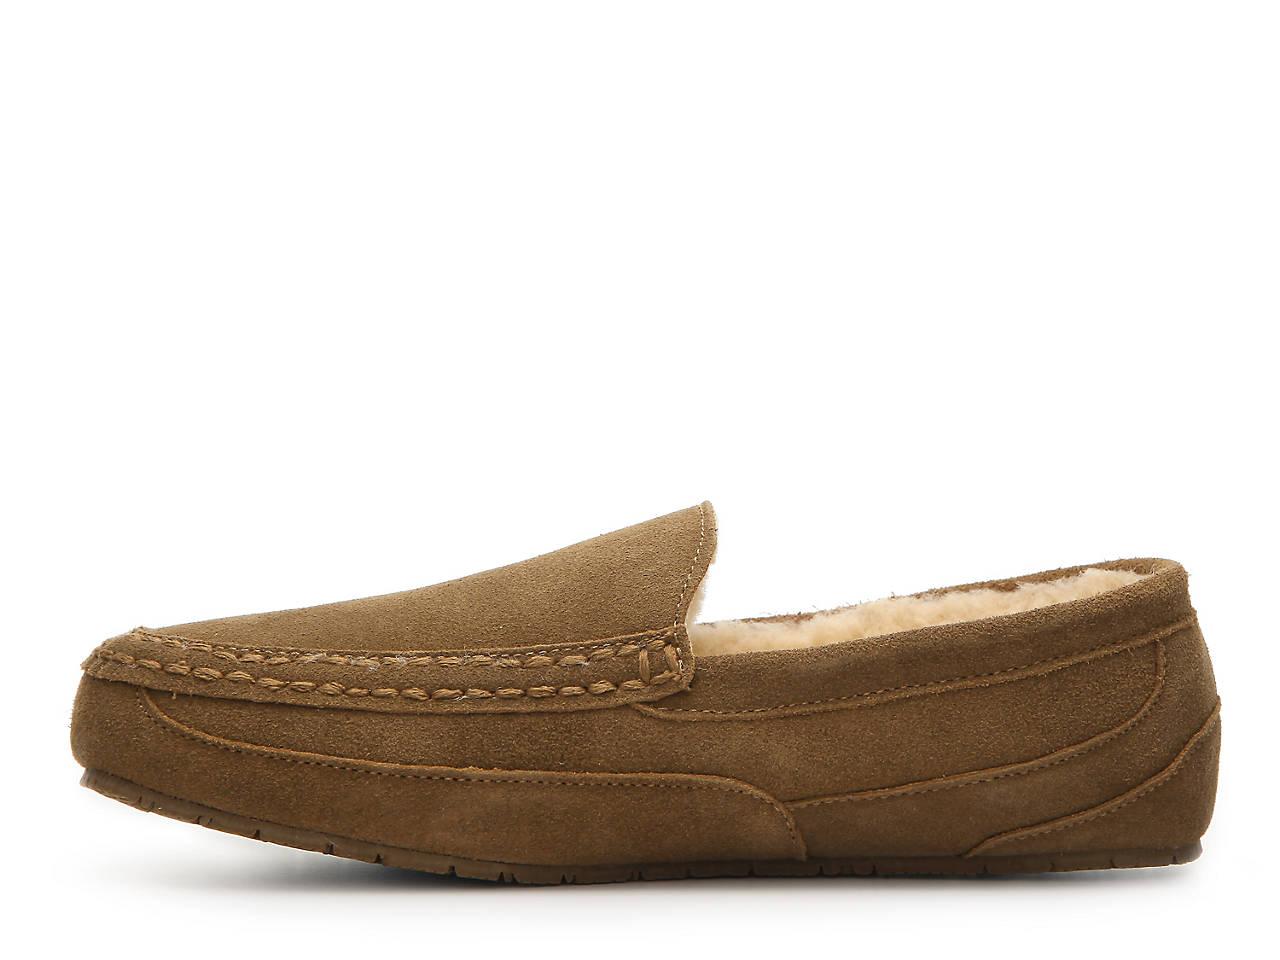 f3b1b1e0634 Bearpaw Peeta Slipper Men s Shoes